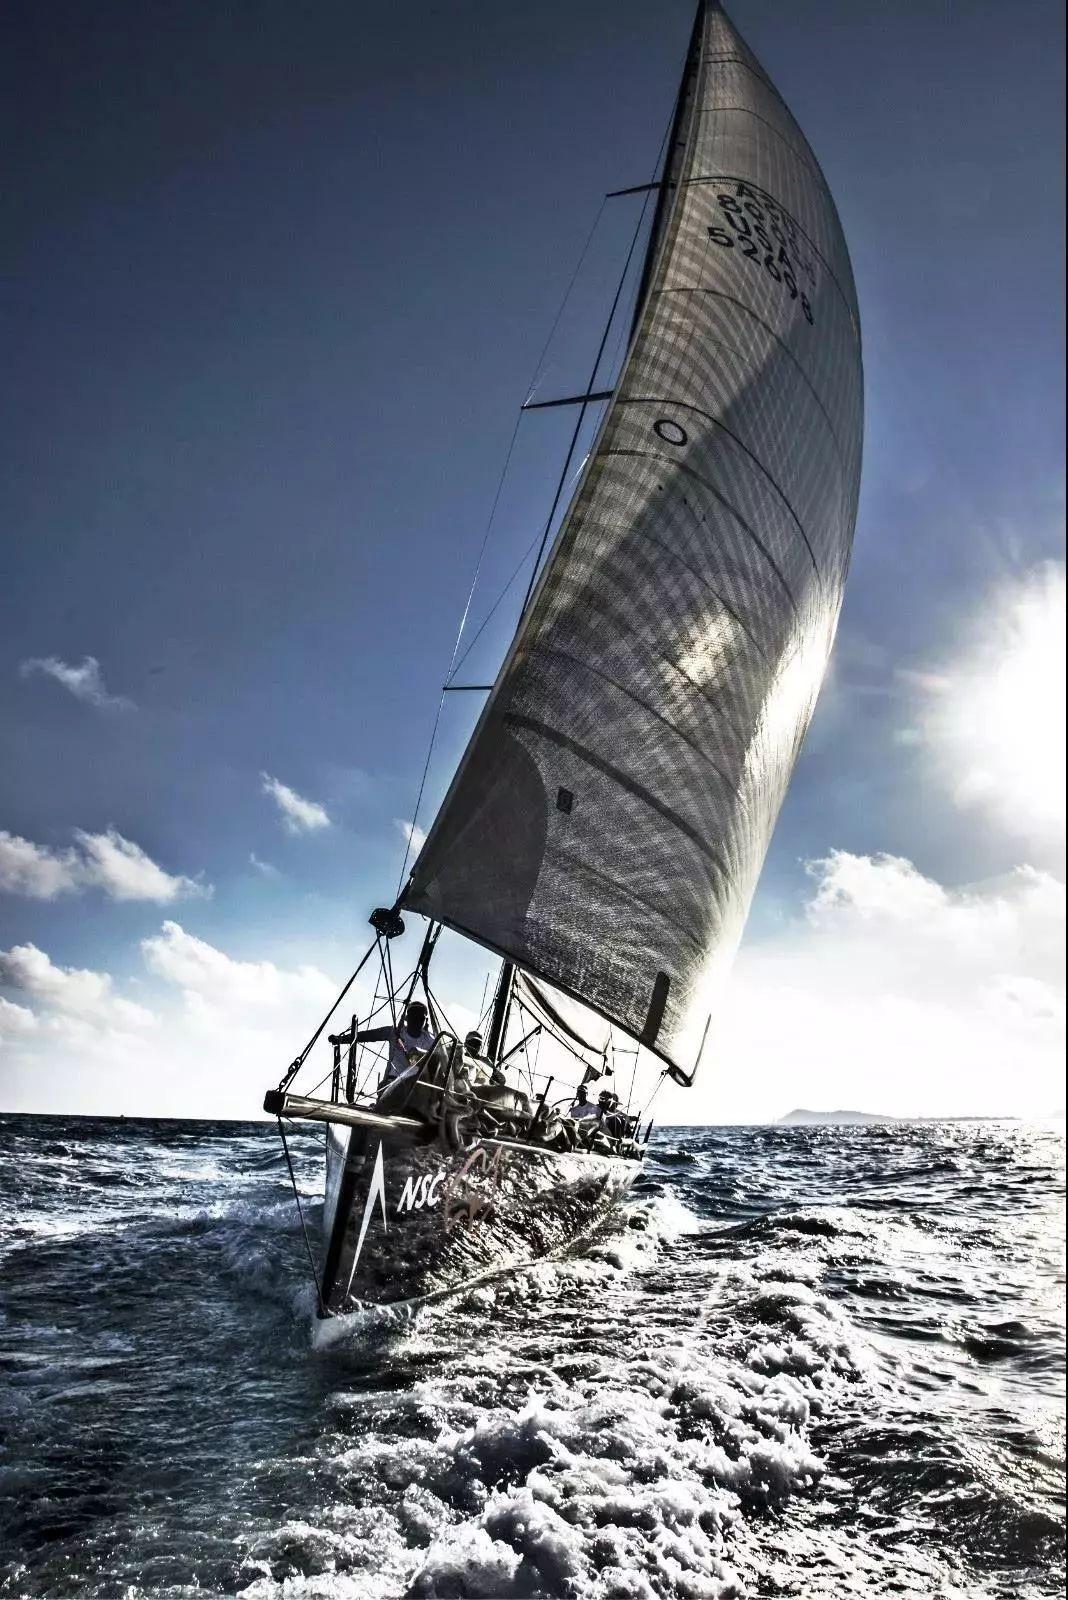 一周帆船资讯|中国选手加冕Topper世锦赛冠军  陈锦浩夺得环英国爱尔兰岛帆船赛冠军w8.jpg